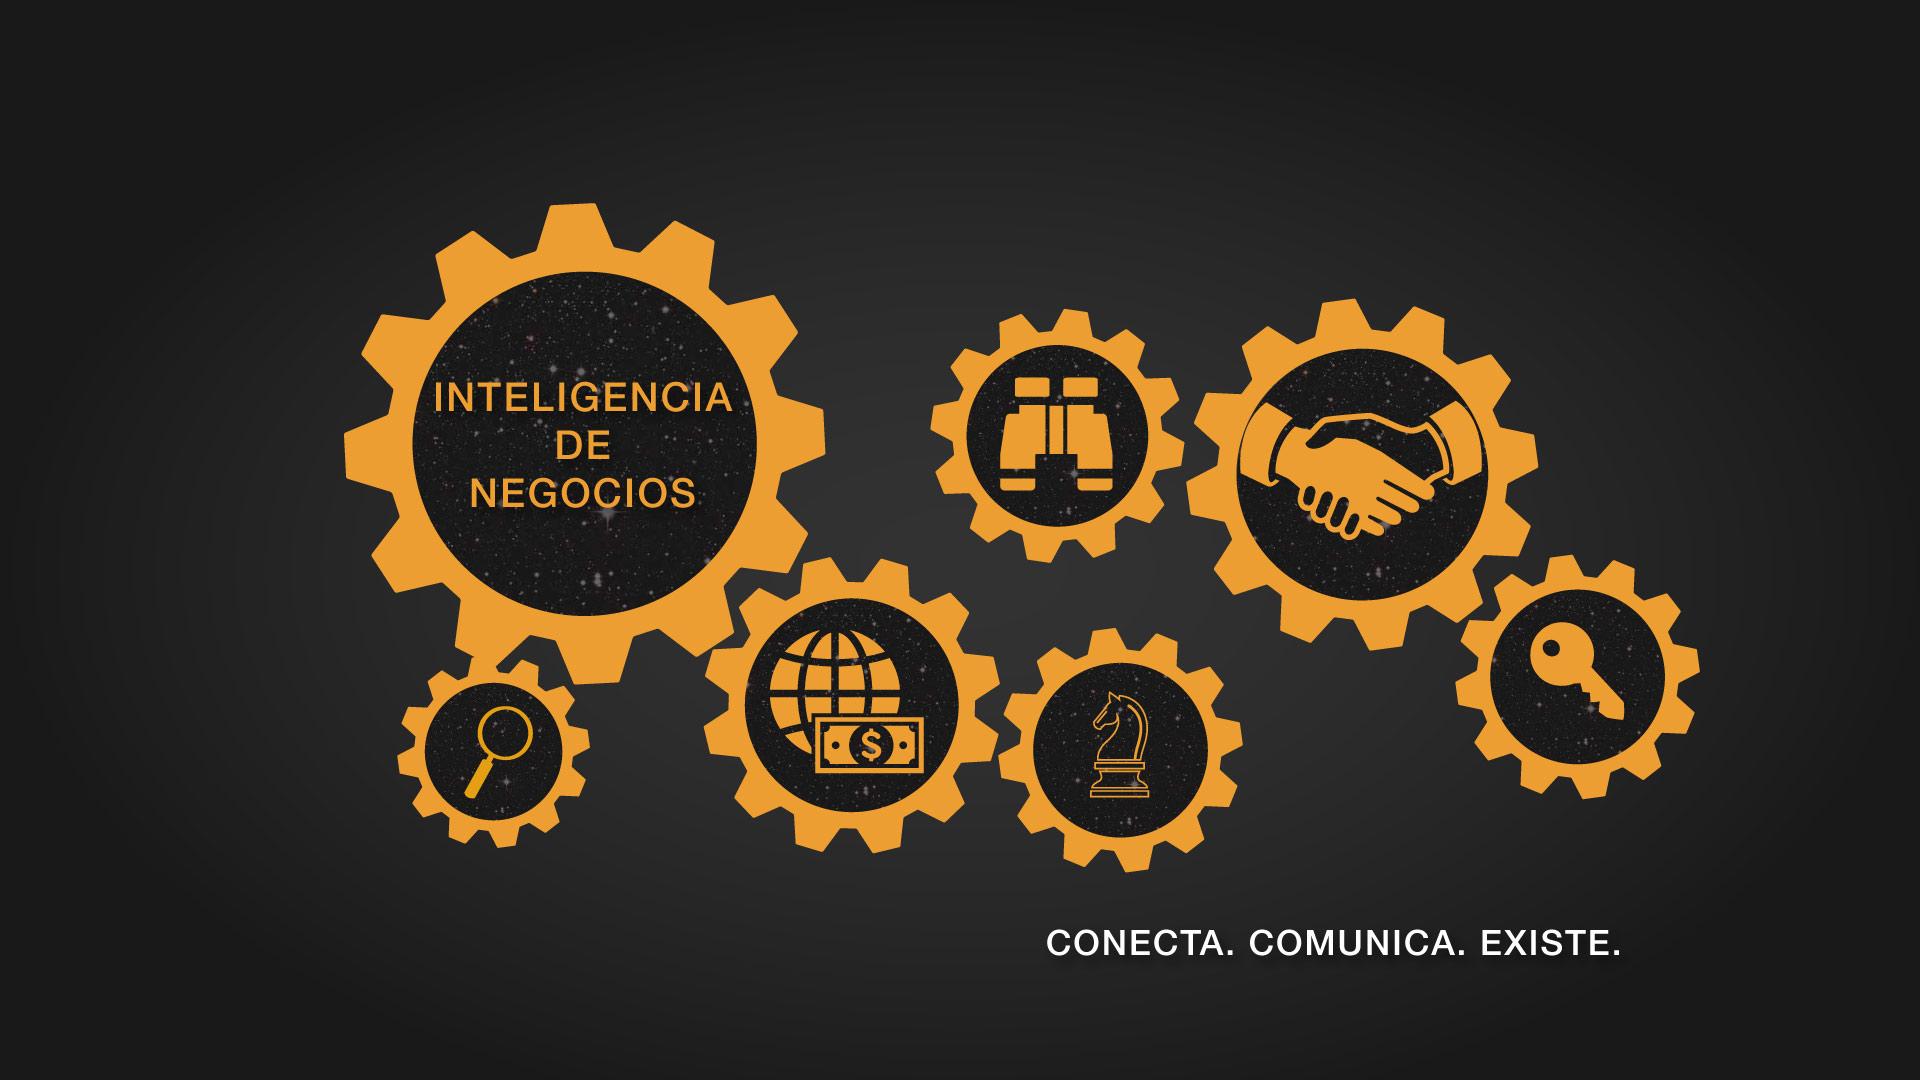 Inteligencia de Negocios, Consultoría